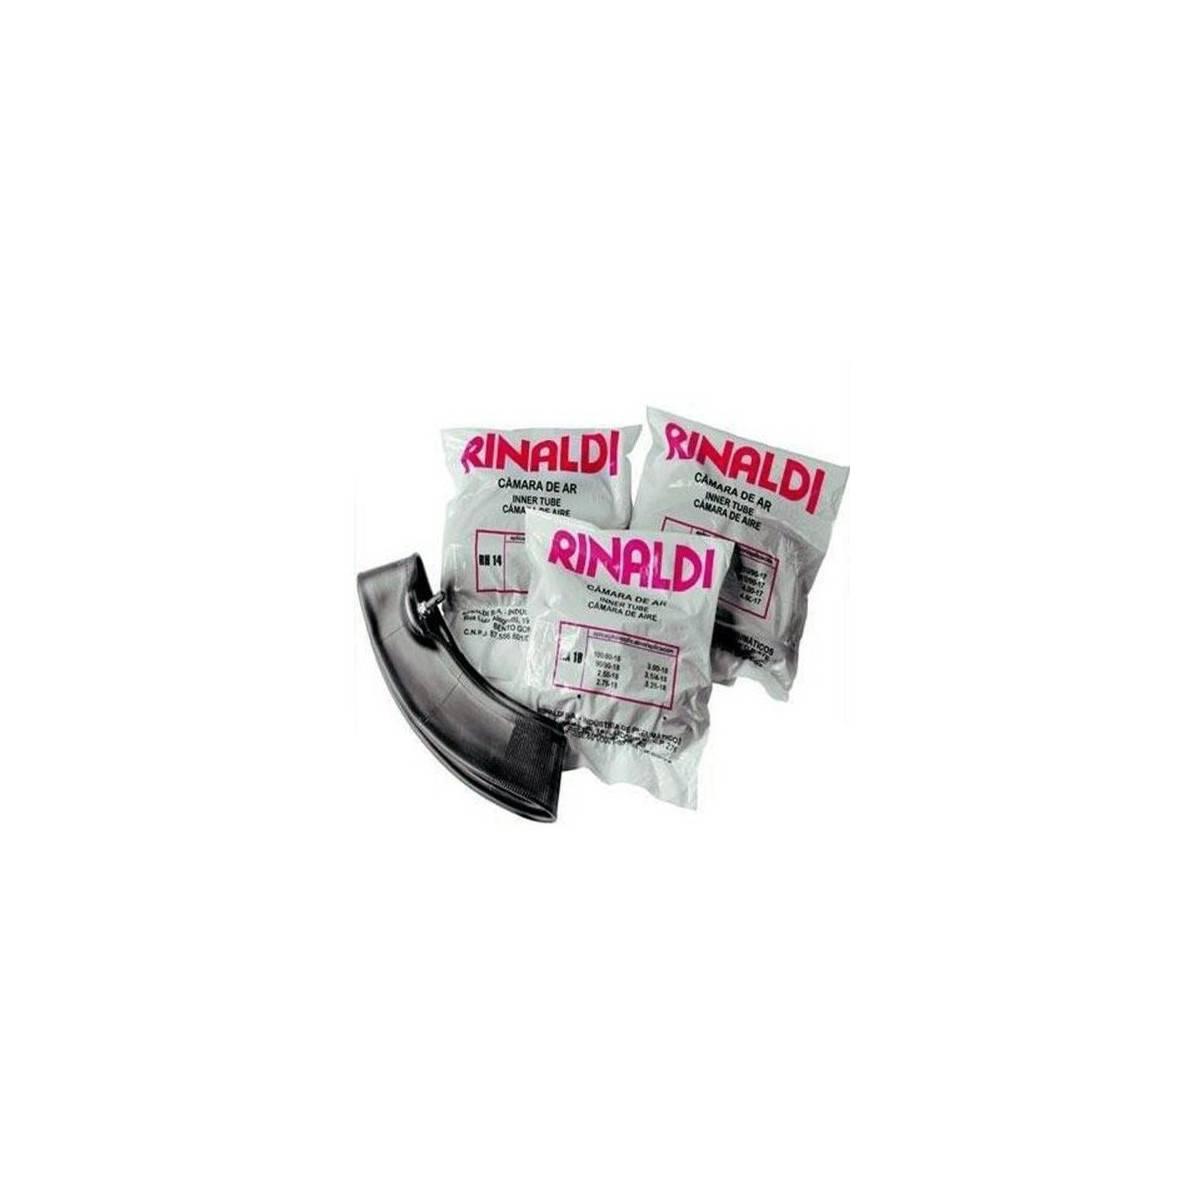 Camara rinaldi 80/100-12